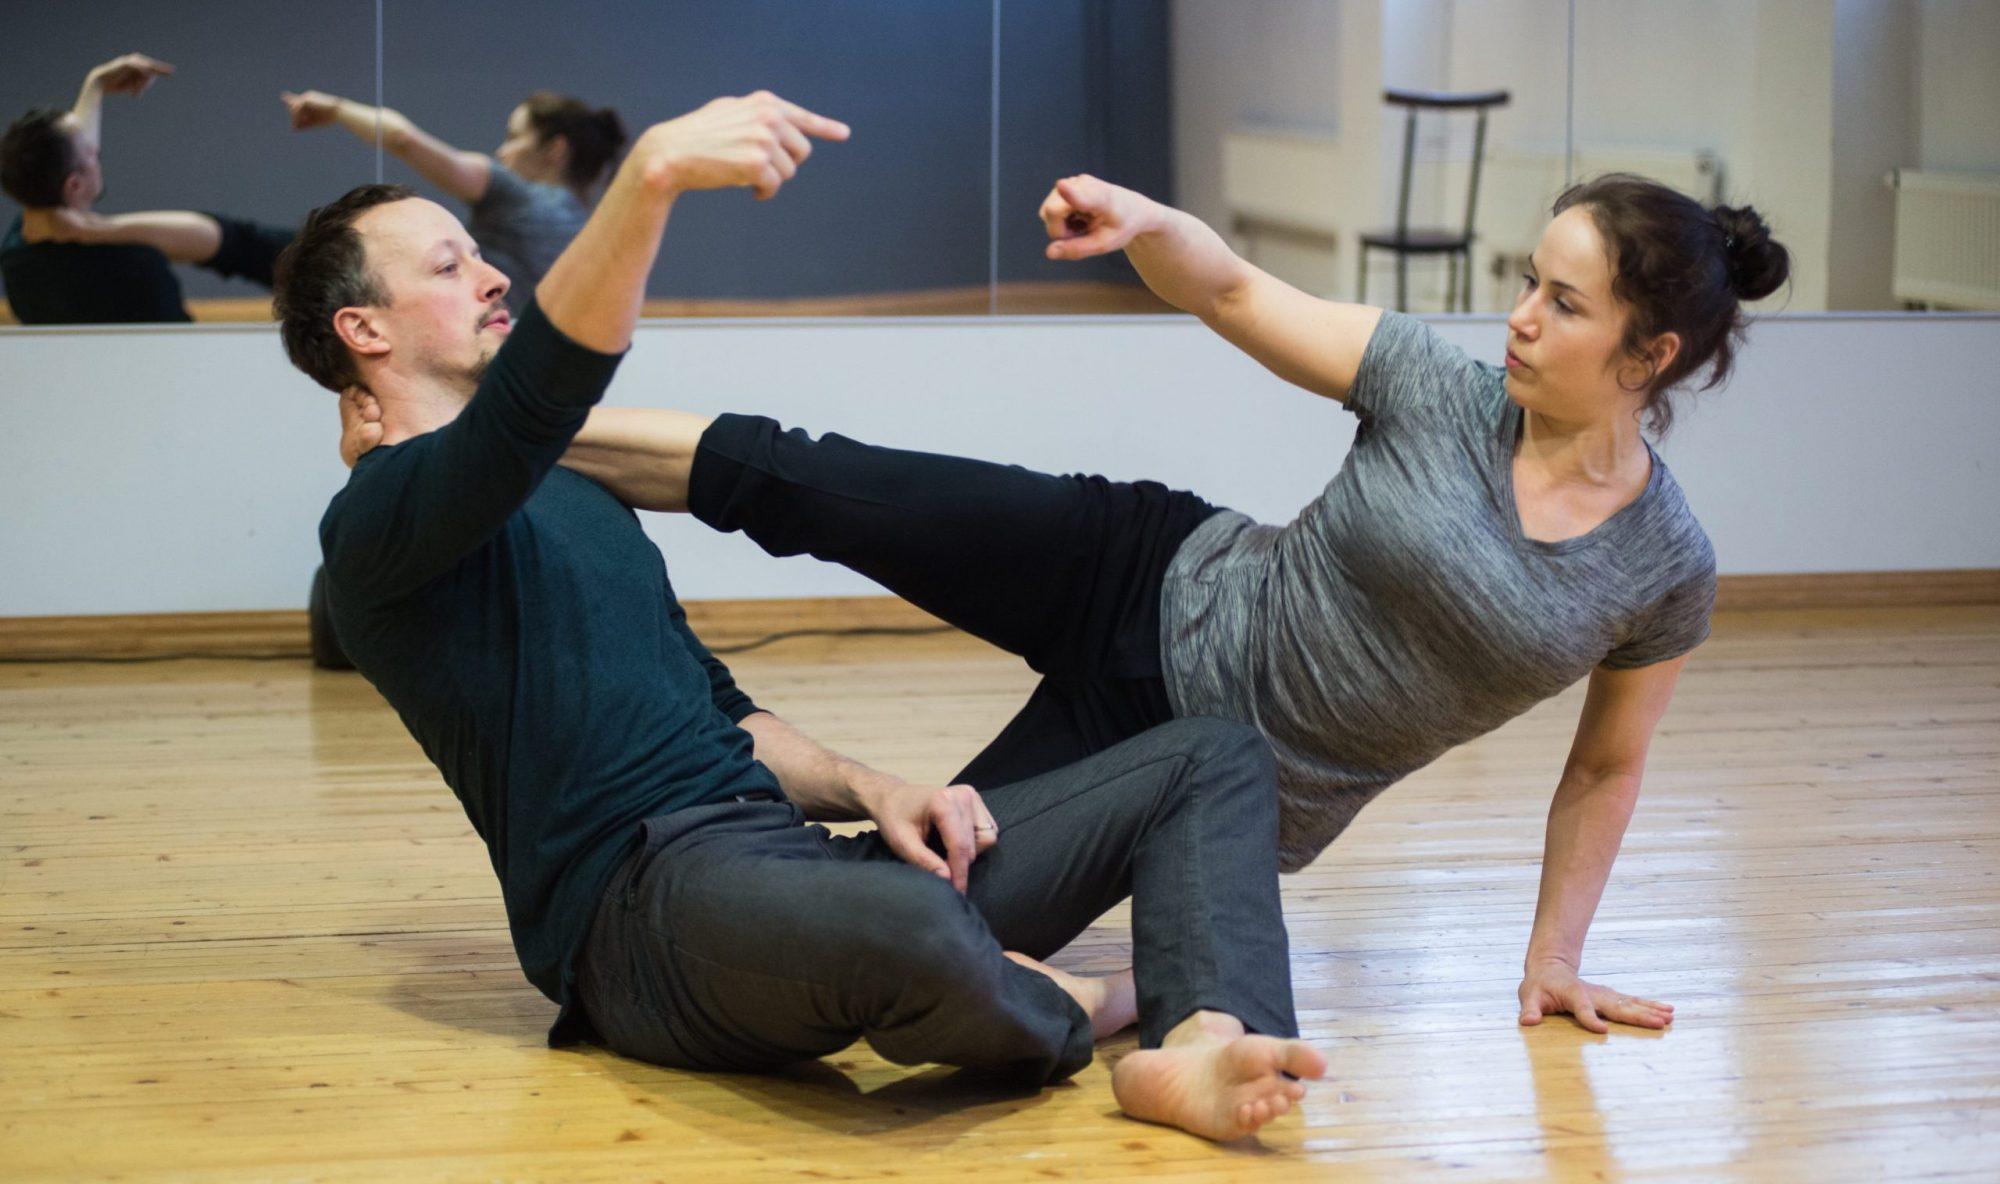 Choreografai Külli Roosna ir Kenneth Flak kviečia įsiklausyti į kūno siunčiamus impulsus